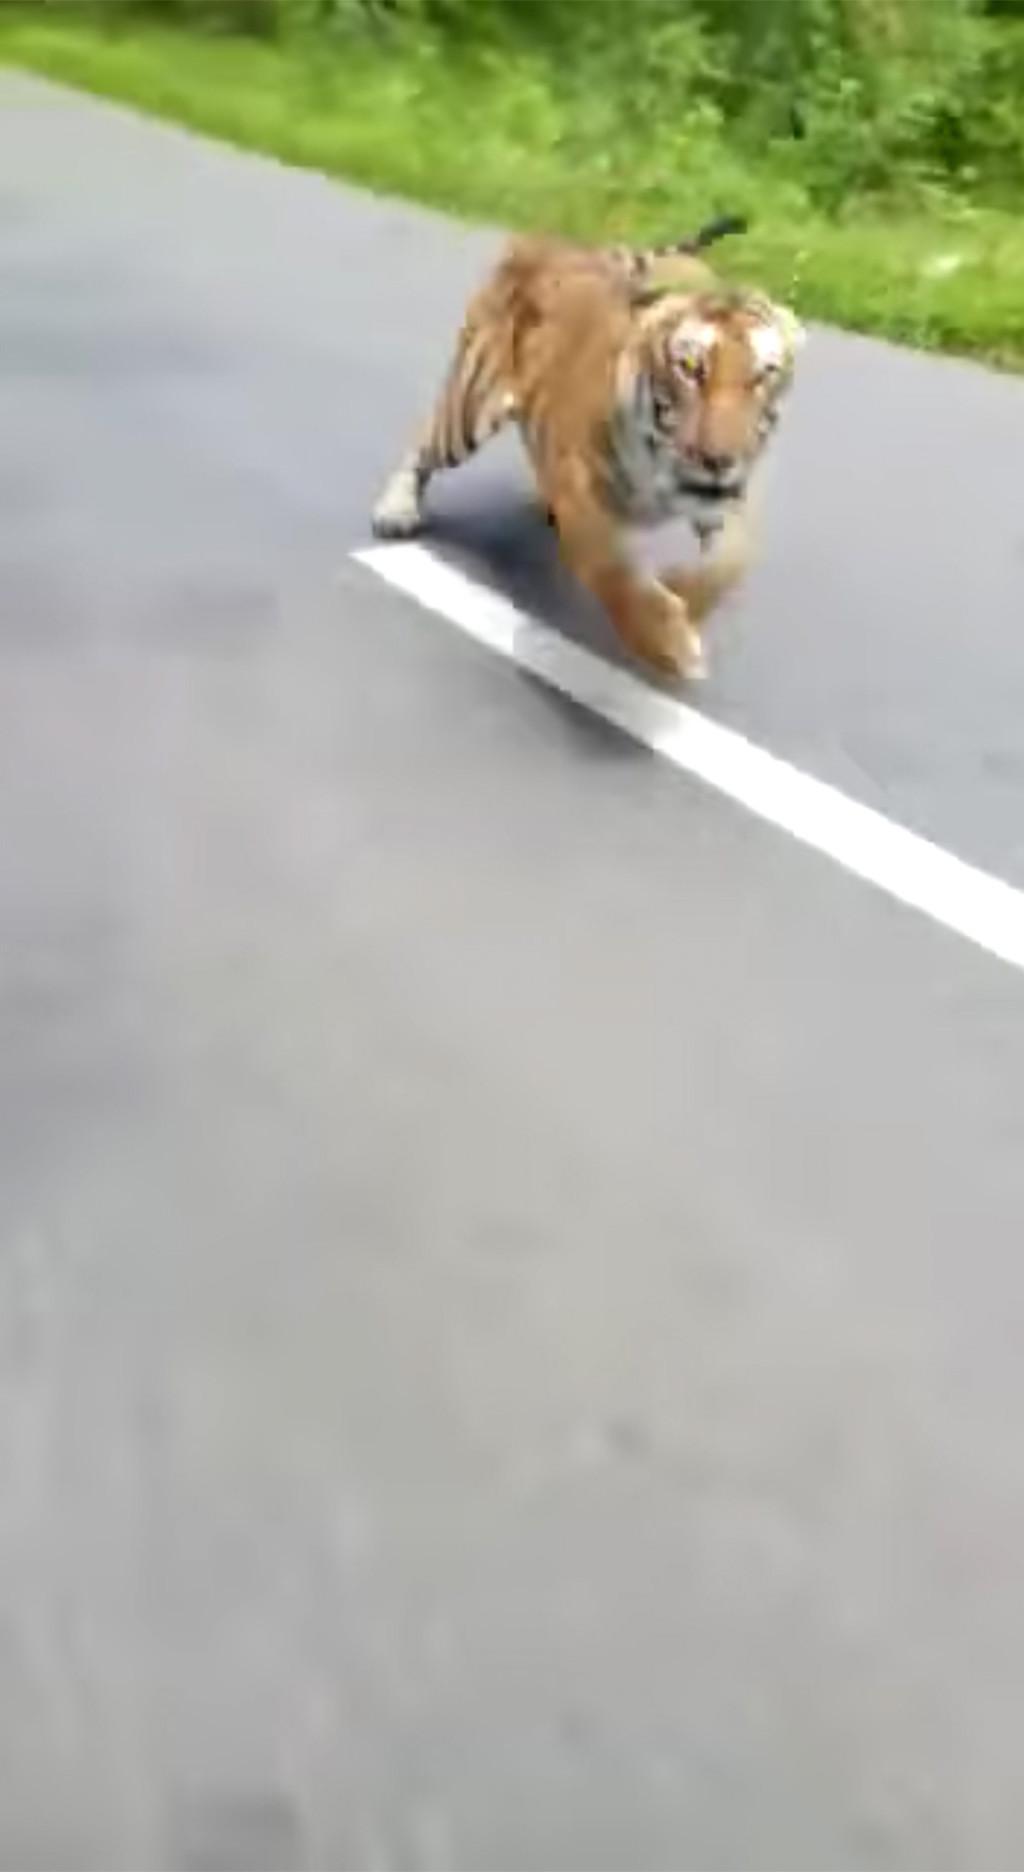 影/超毛!騎車時「路邊衝出大老虎」拔腿直追 騎士「差點被吃」超驚險畫面曝光